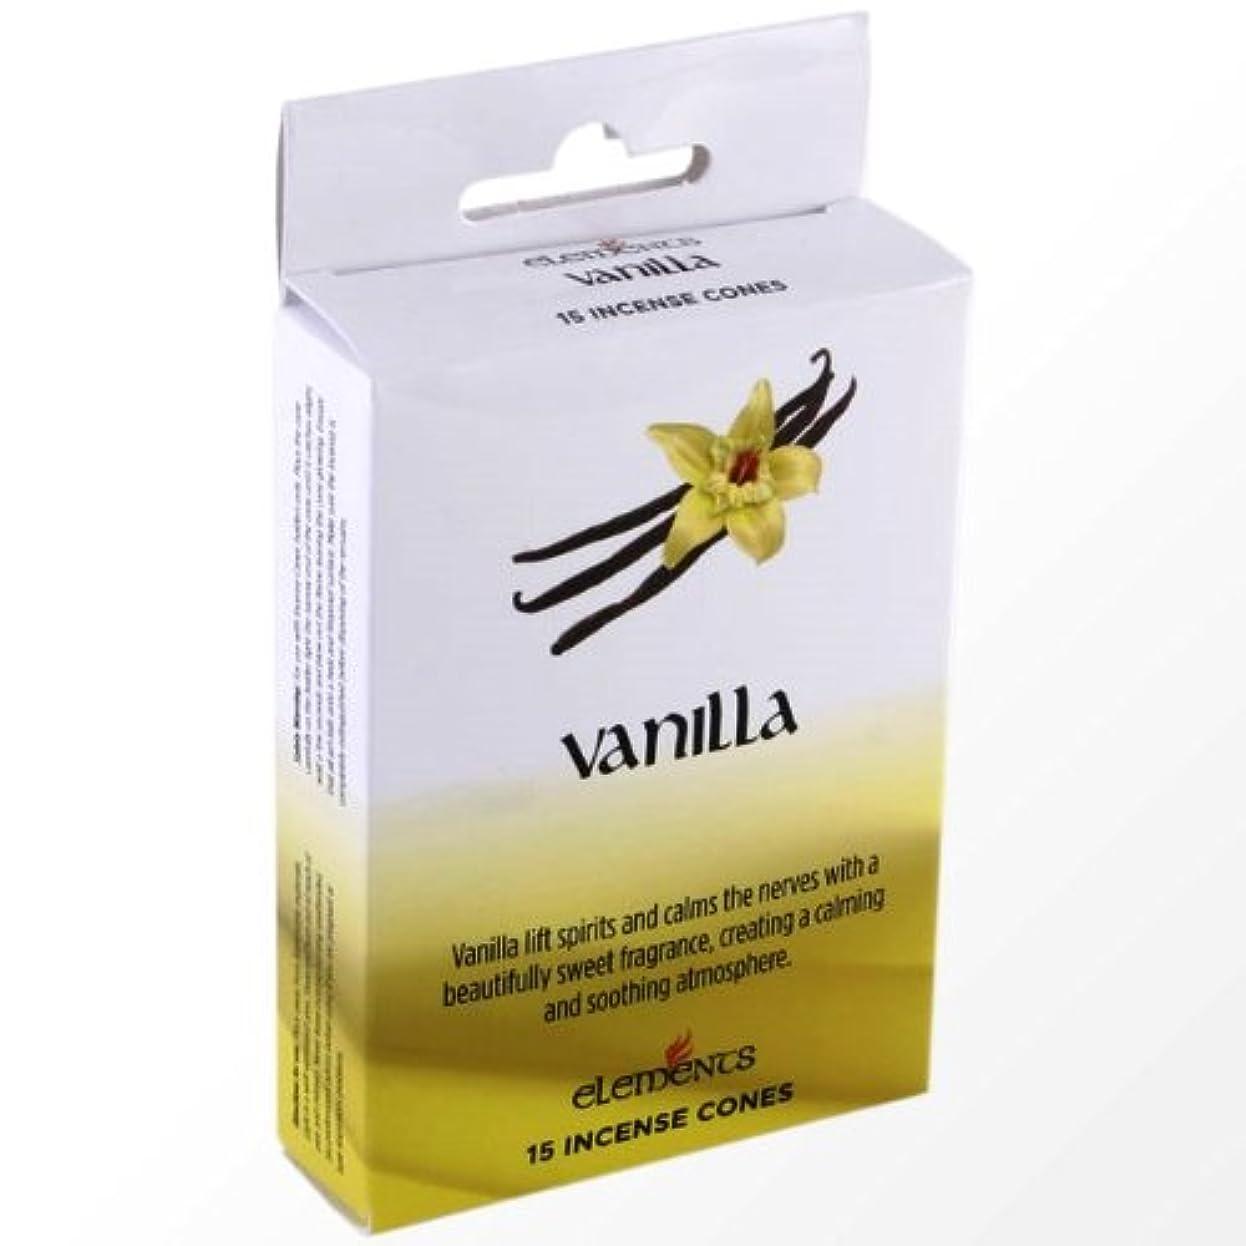 美しいボランティアレパートリー(VANILLA) - Box of 15 Indian Incense Cones Elements (VANILLA)